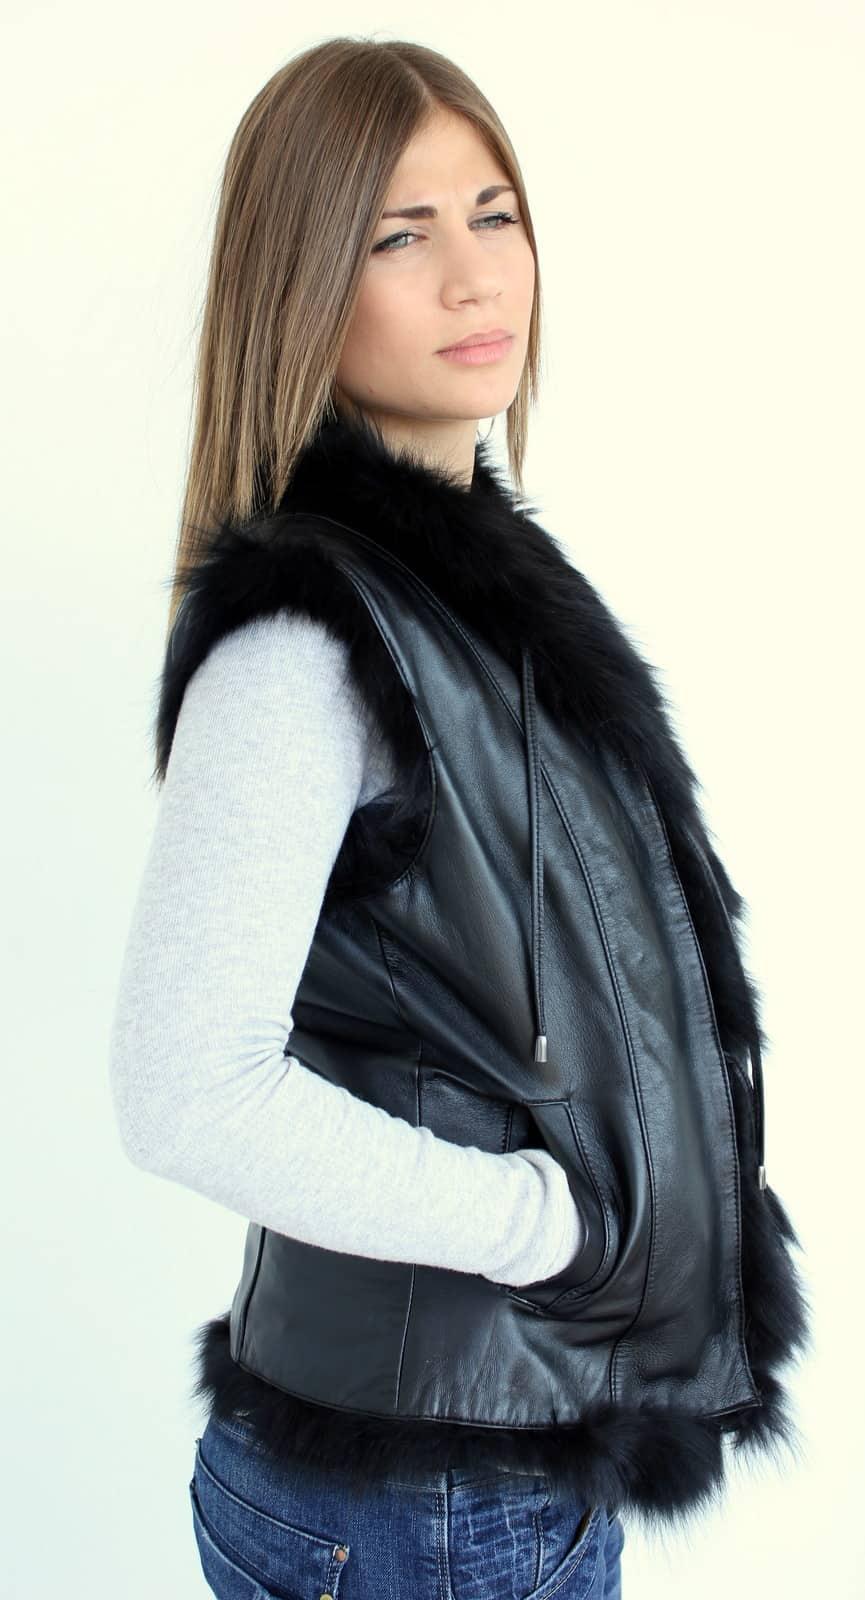 Women's-Sleeveless-leather-jacket-trends-autumn-winter-2016